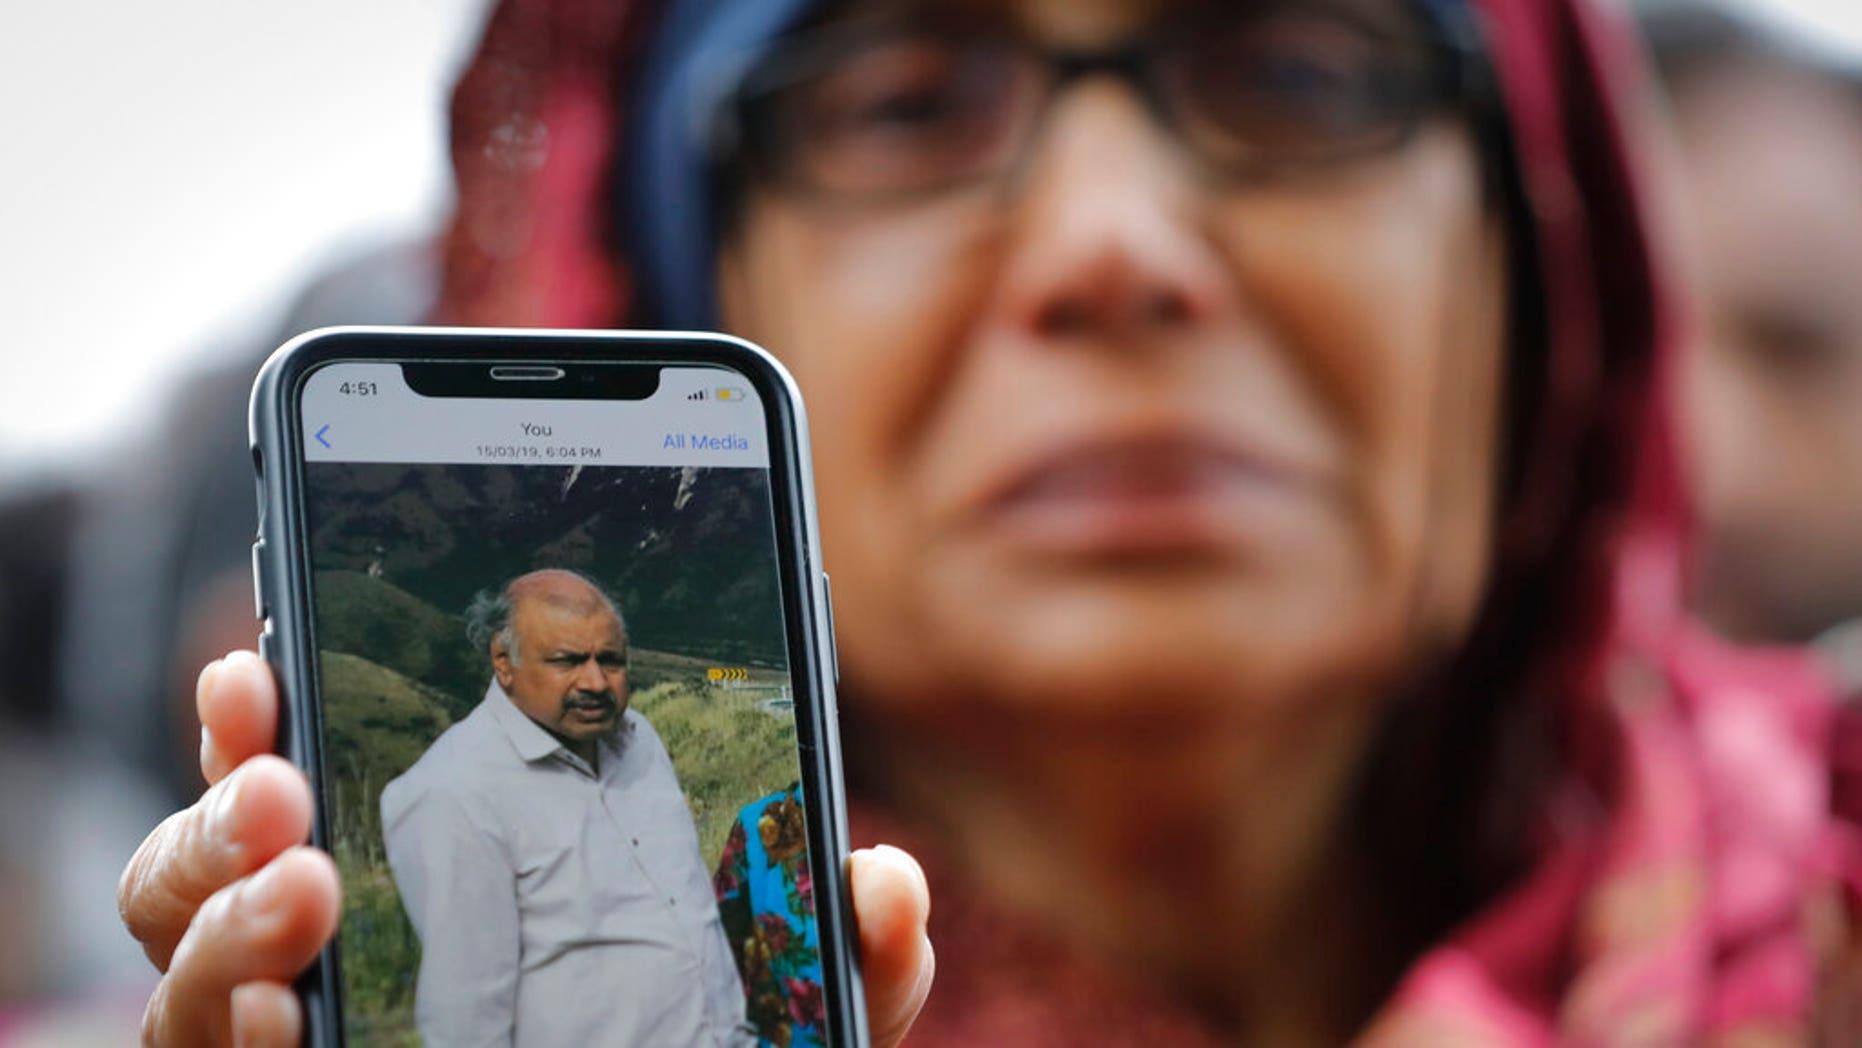 Ахтар Хохур, 58, показує фотографію свого зниклого чоловіка Мехабоббаха Хохара в інтерв'ю в сімейному інформаційному центрі в ці вихідні в Крайстчерчі, Нова Зеландія. (AP Photo / Vincent Thian)